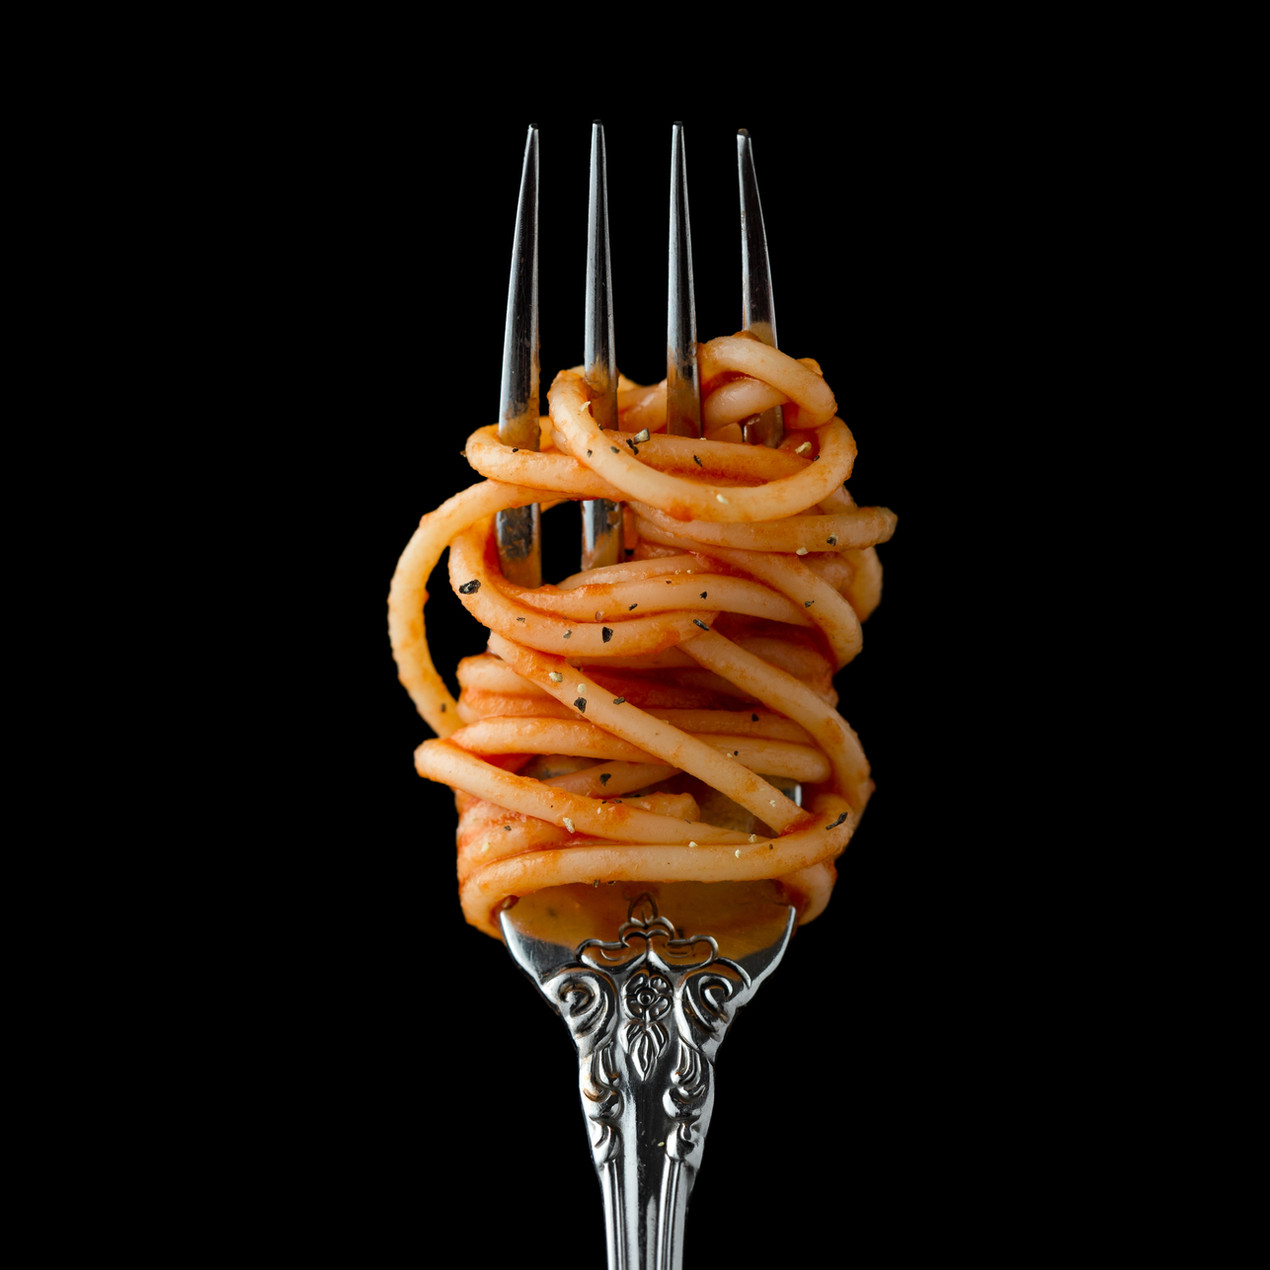 We Love Pasta Thursday 16 April, Restaurant in Pun Hlaing Estate